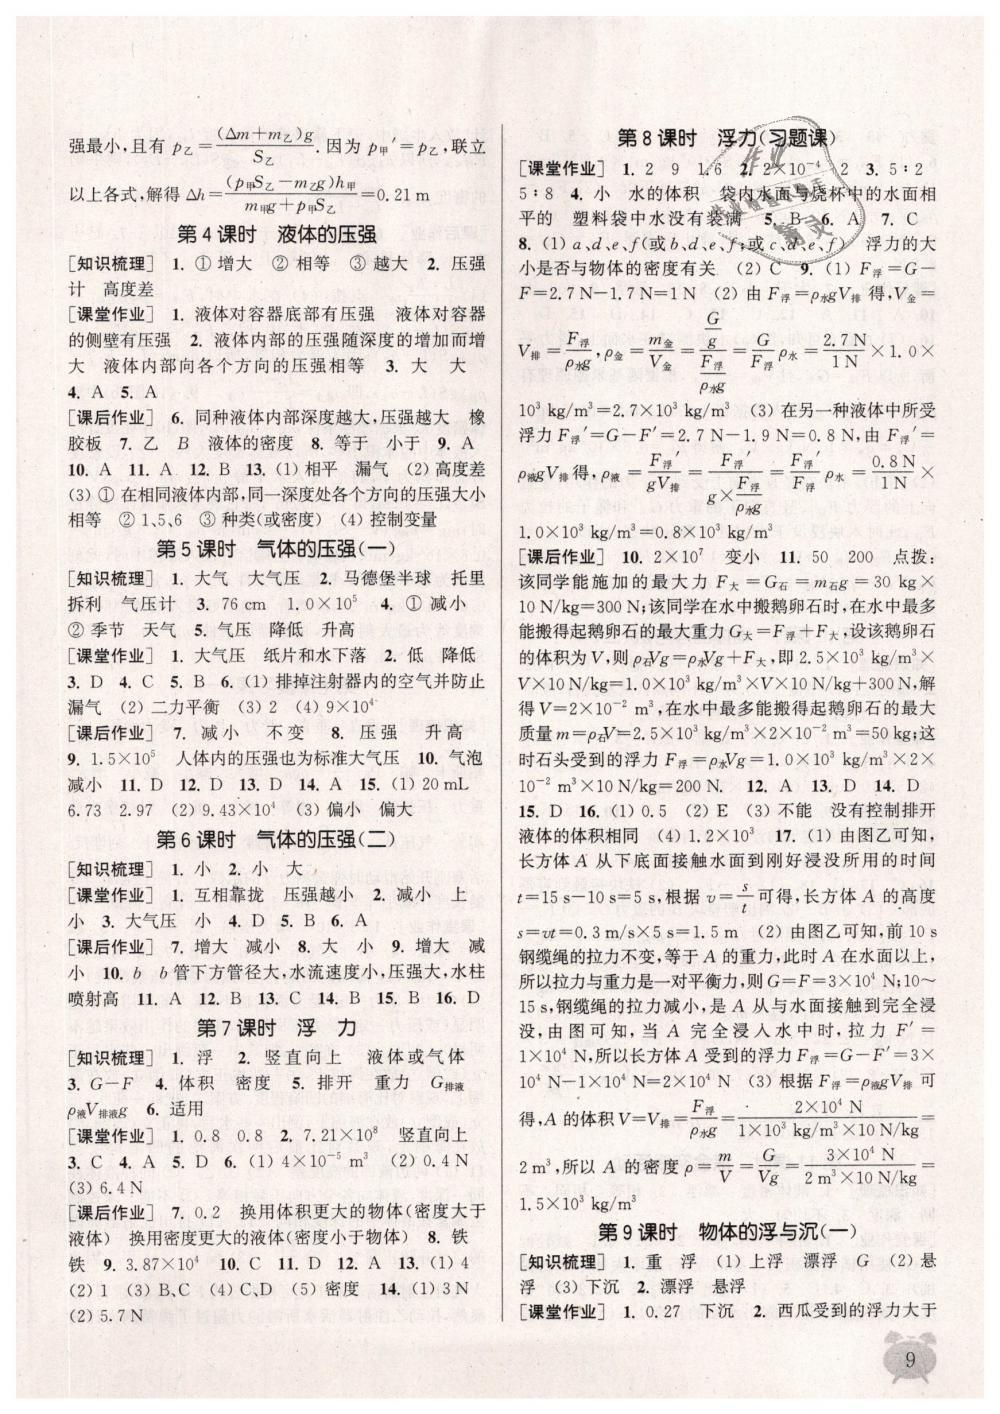 2019年通城学典课时作业本八年级物理下册苏科版江苏专用第9页